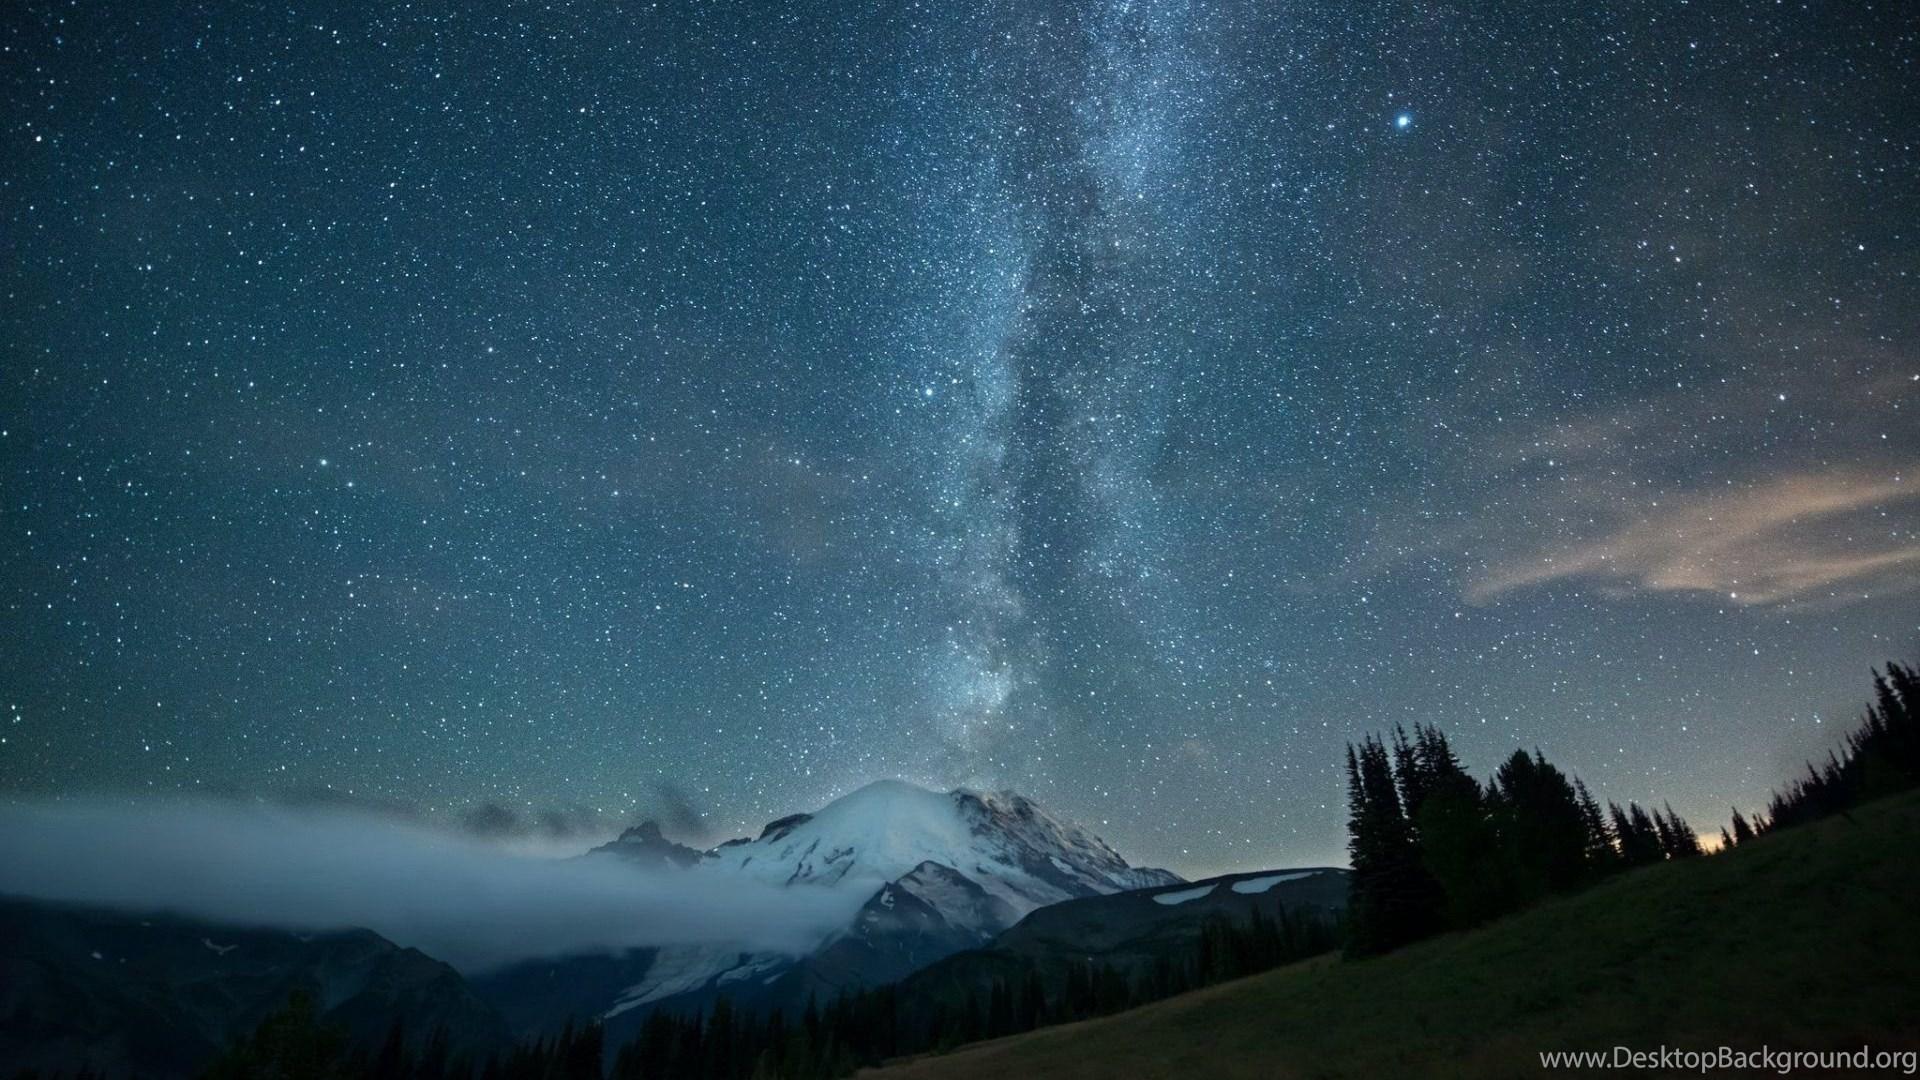 Sky Full Of Stars Night Wallpapers For Desktop Pc Mobile